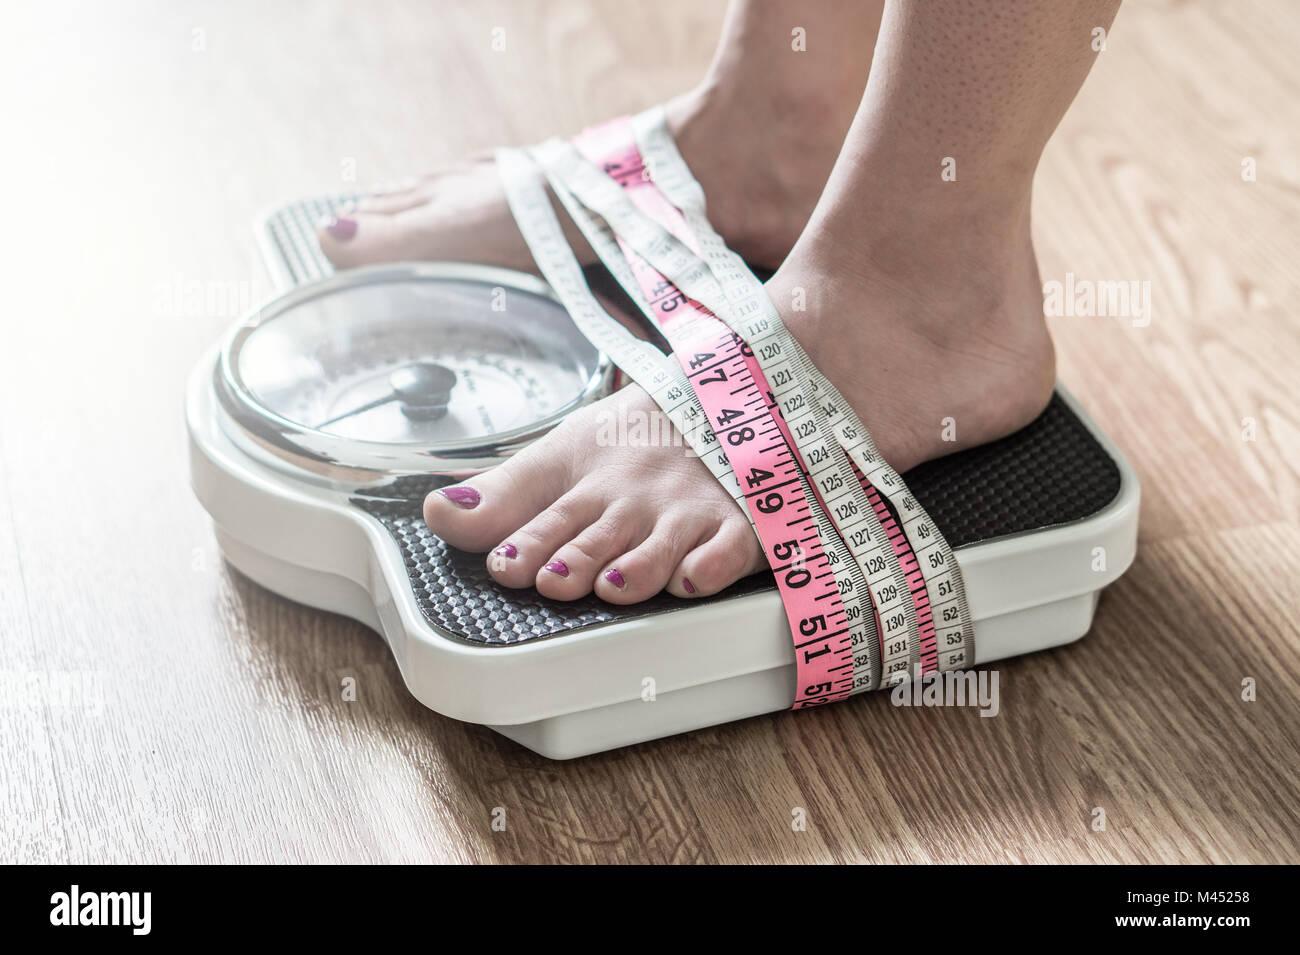 La anorexia y los trastornos de la conducta alimentaria concepto. Los pies atados con cinta de medición de Imagen De Stock